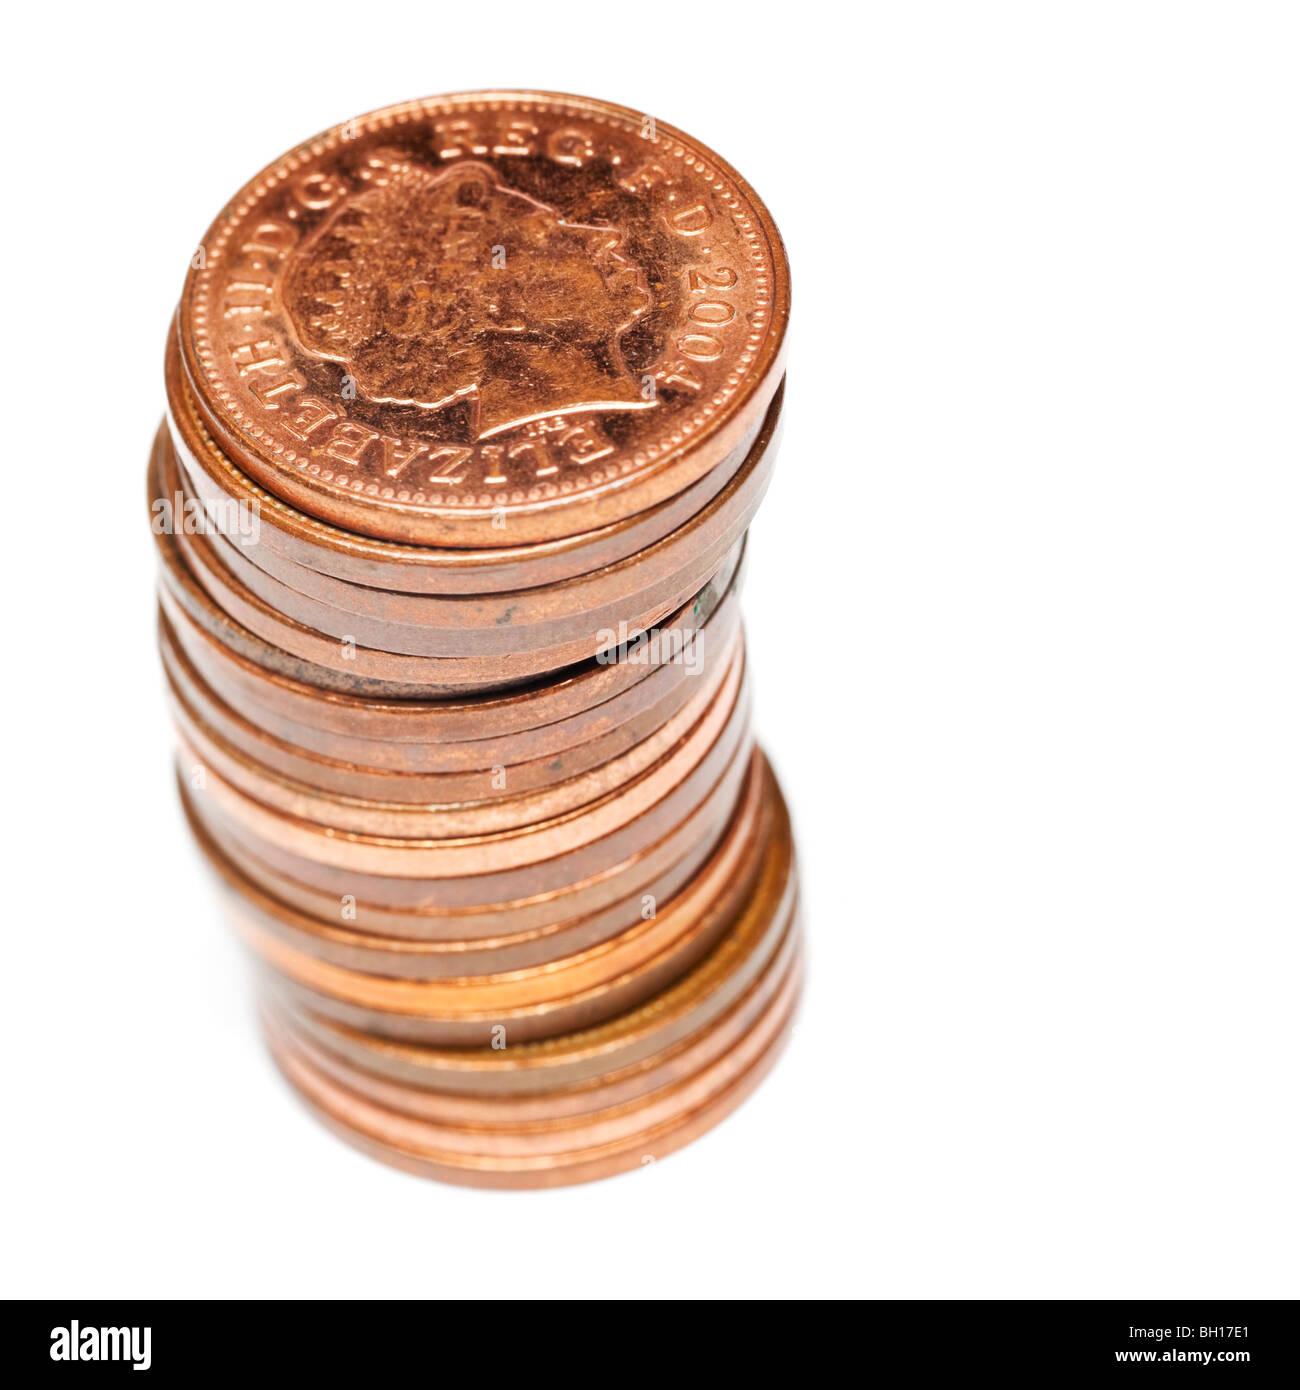 Stapel von einem britischen Pence Münzen Stücke - Makro in der Nähe von selektiven Fokus Stockbild